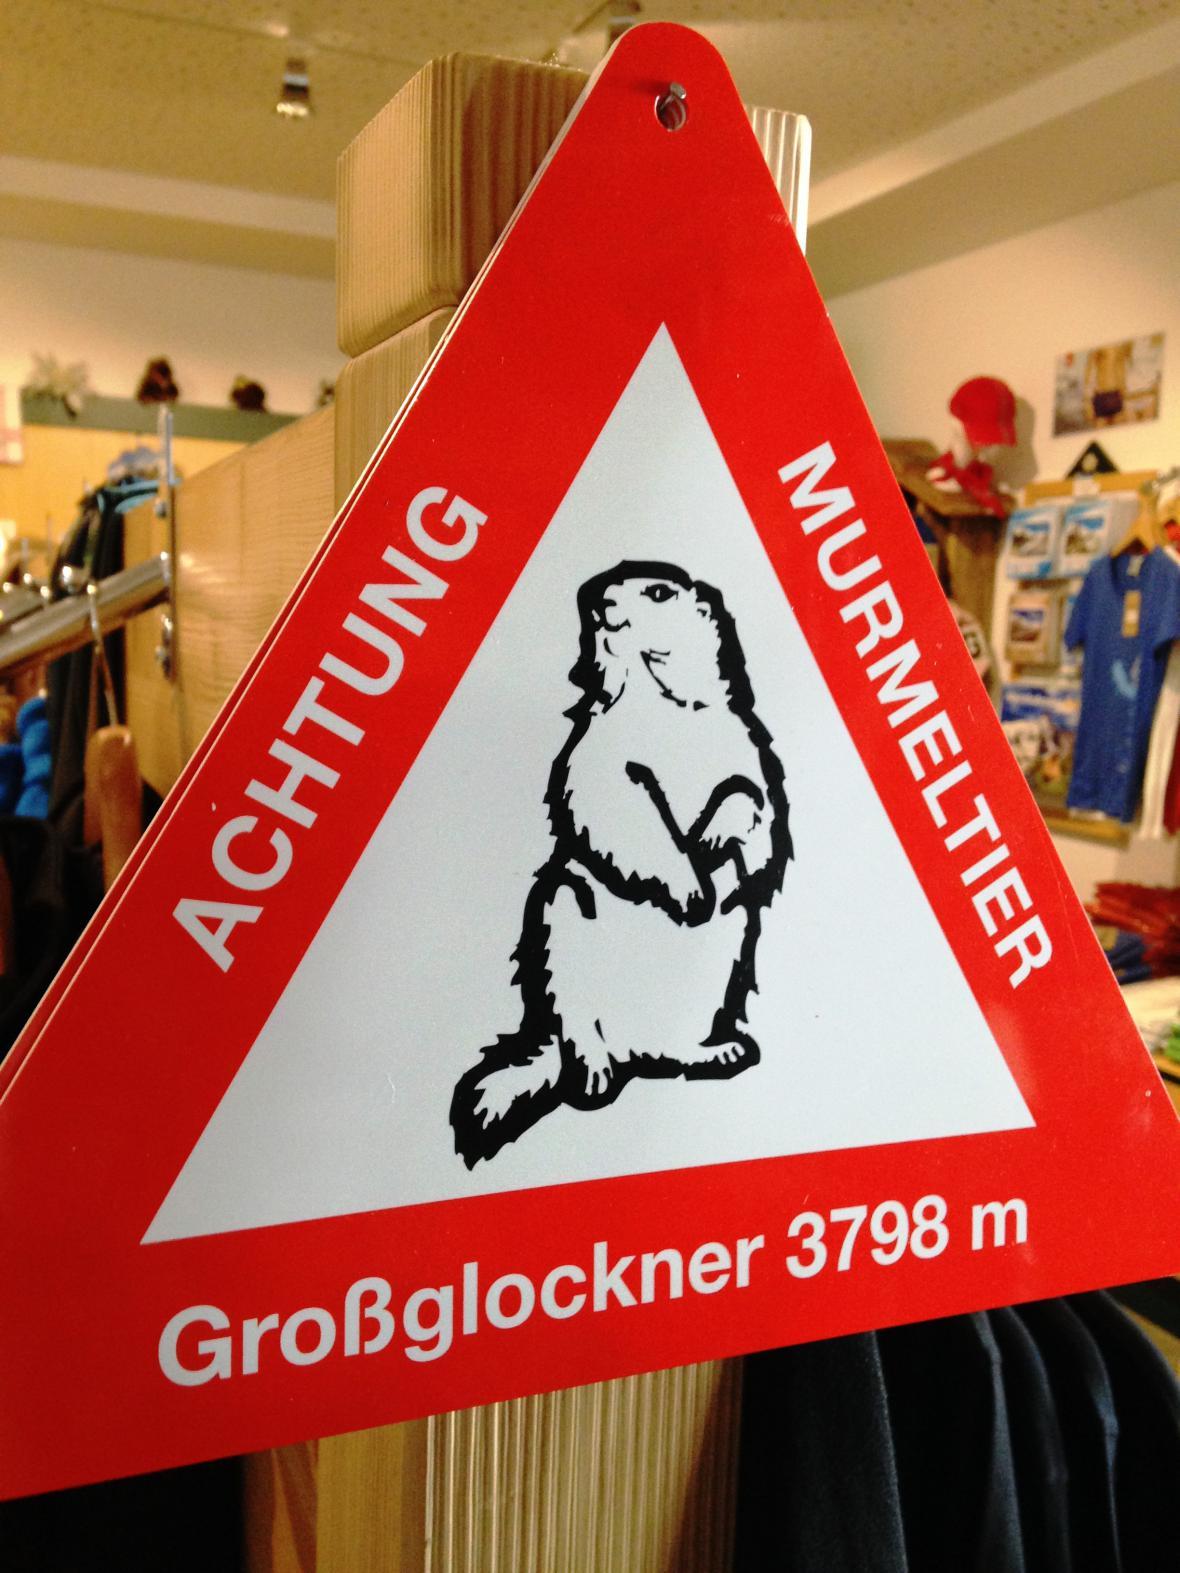 Prodej dopravních značek s varováním před pohybem svišťů